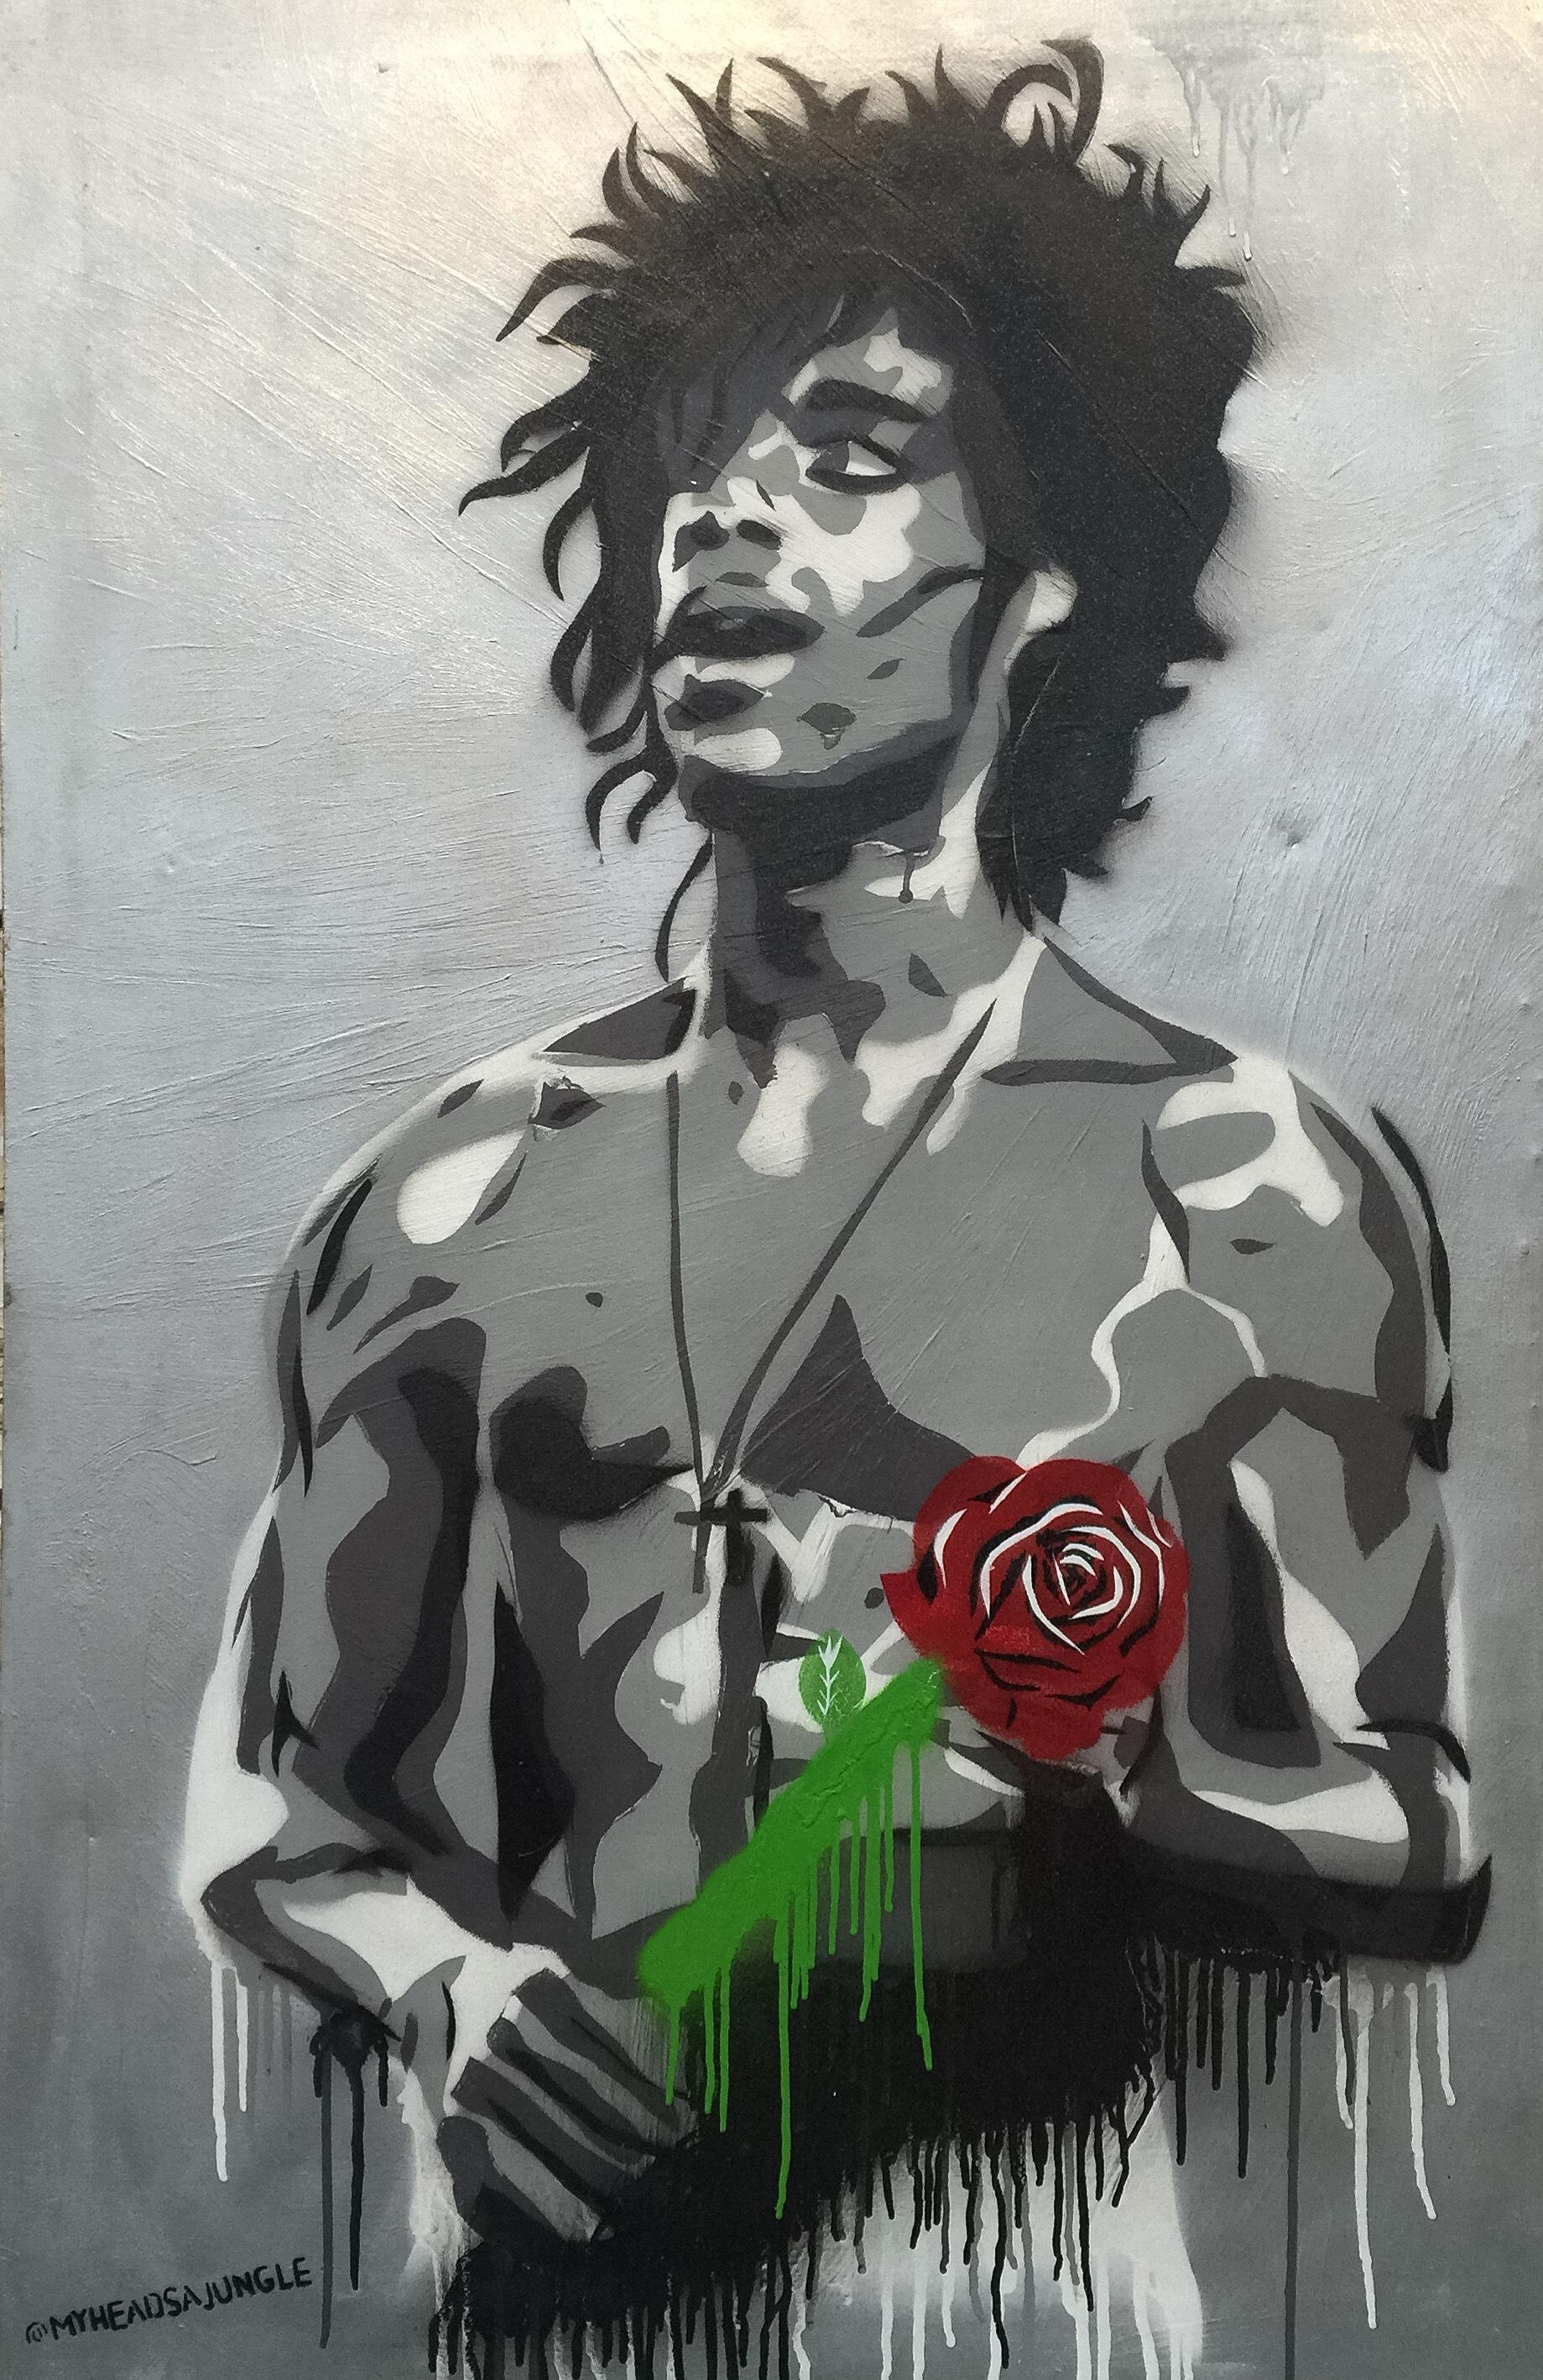 DR. EVERYTHINGLLBEALRIGHT aerosol + stencil on canvas